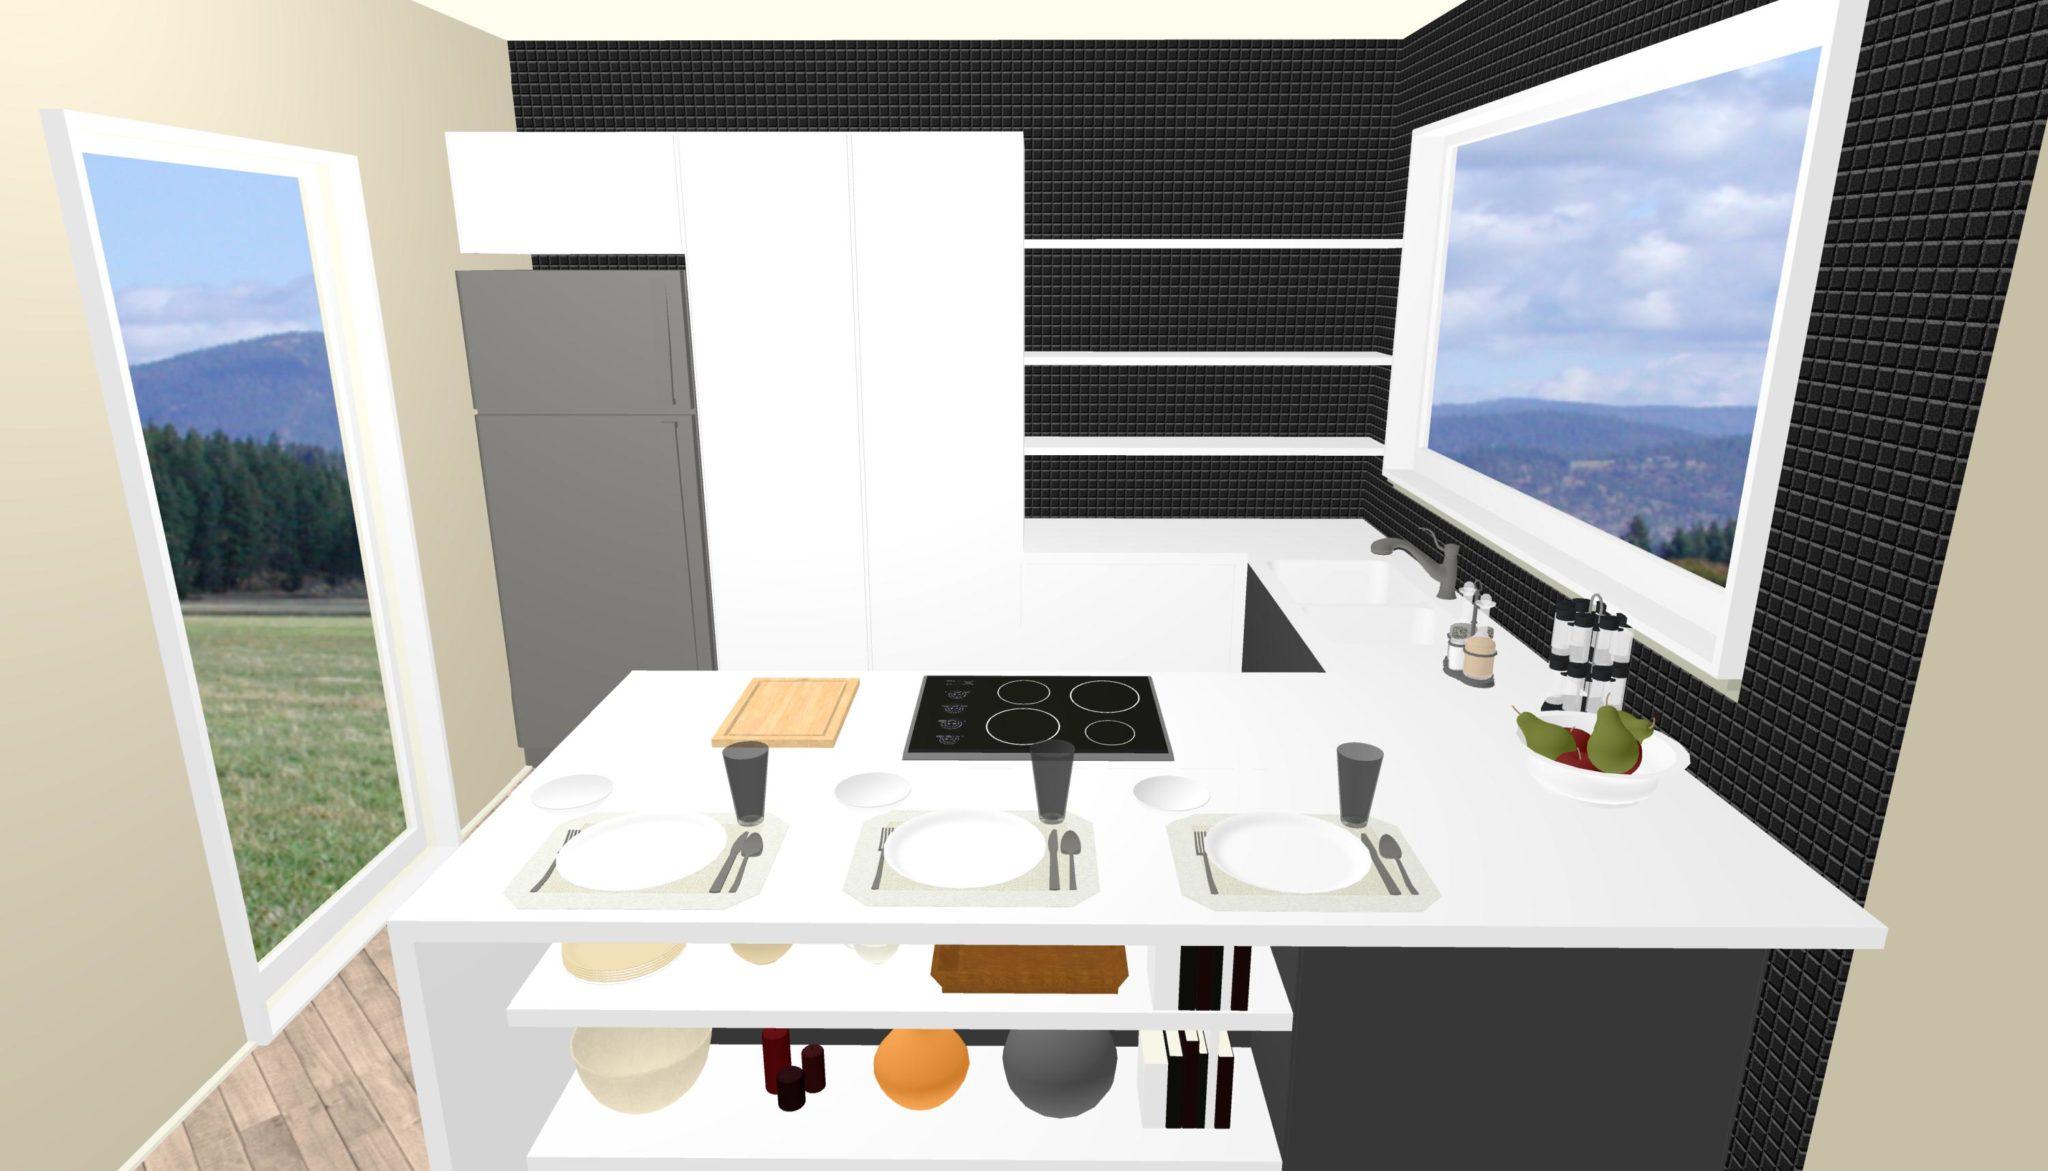 Cucina archivi lineatre arredamenti alberobello - Cucina senza piastrelle ...